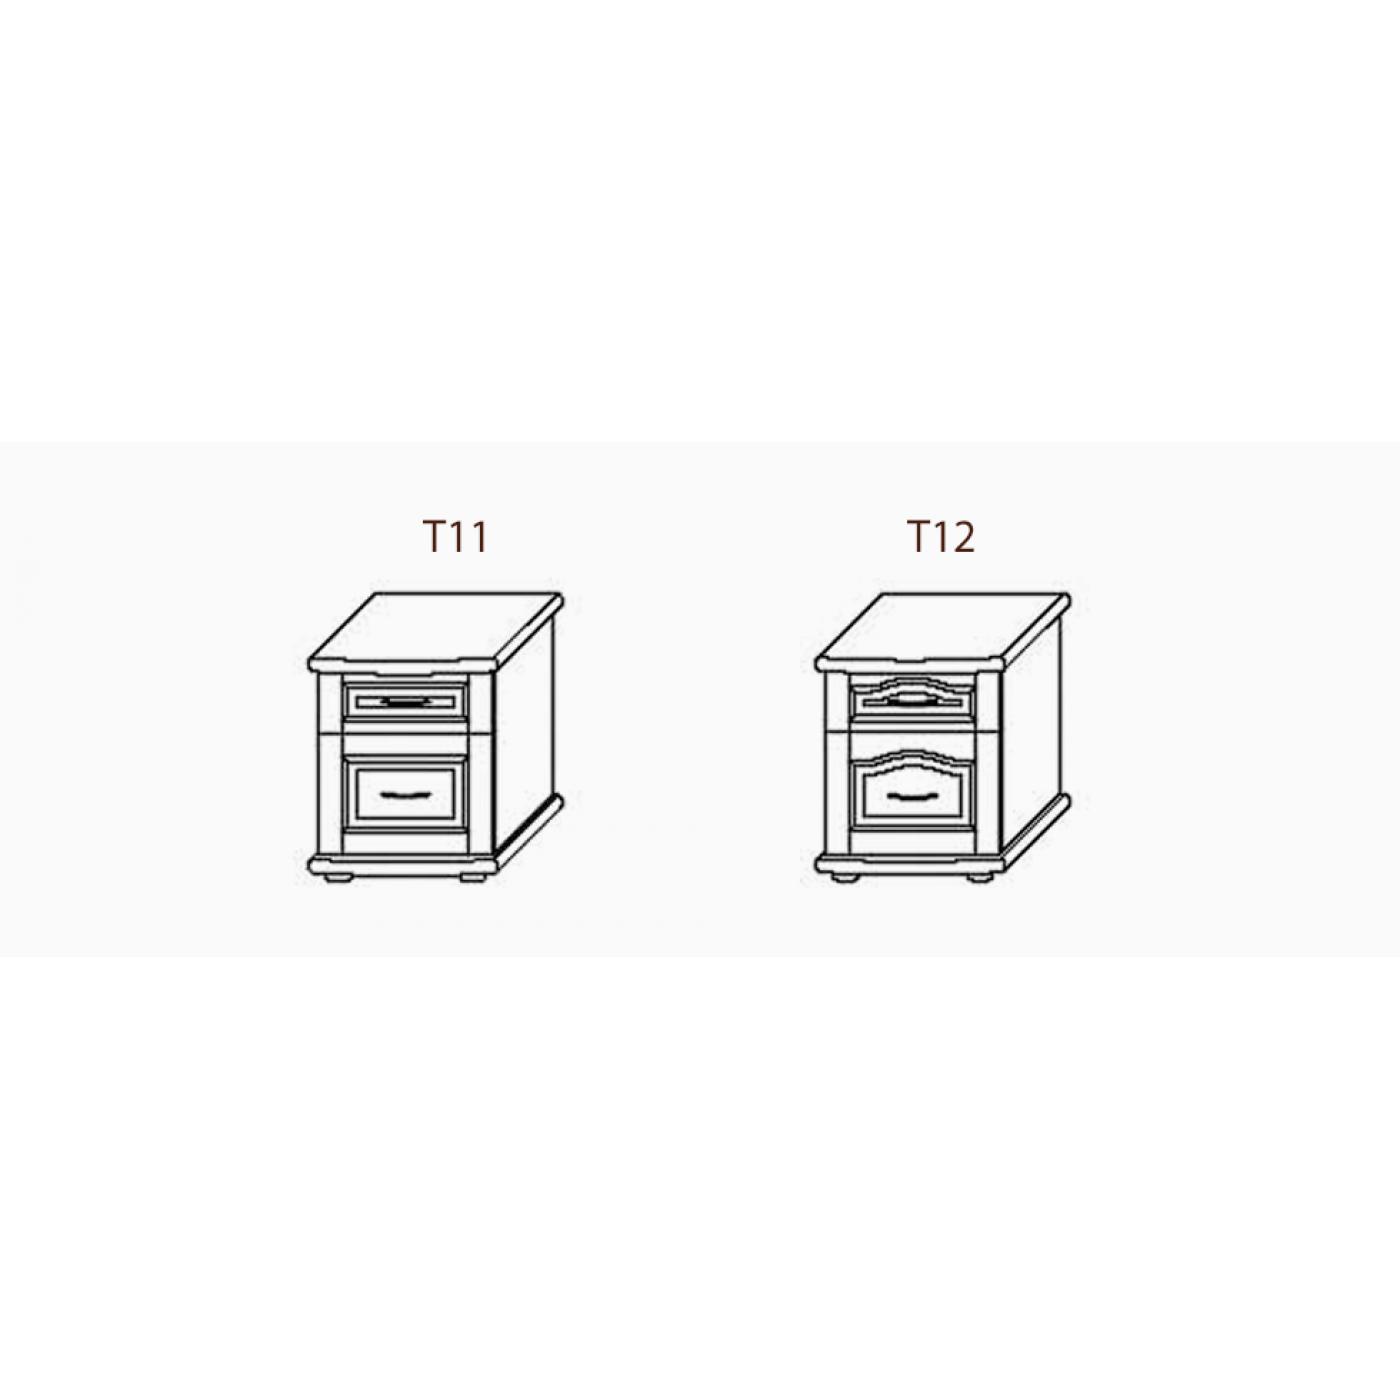 Тумбочка Т1_